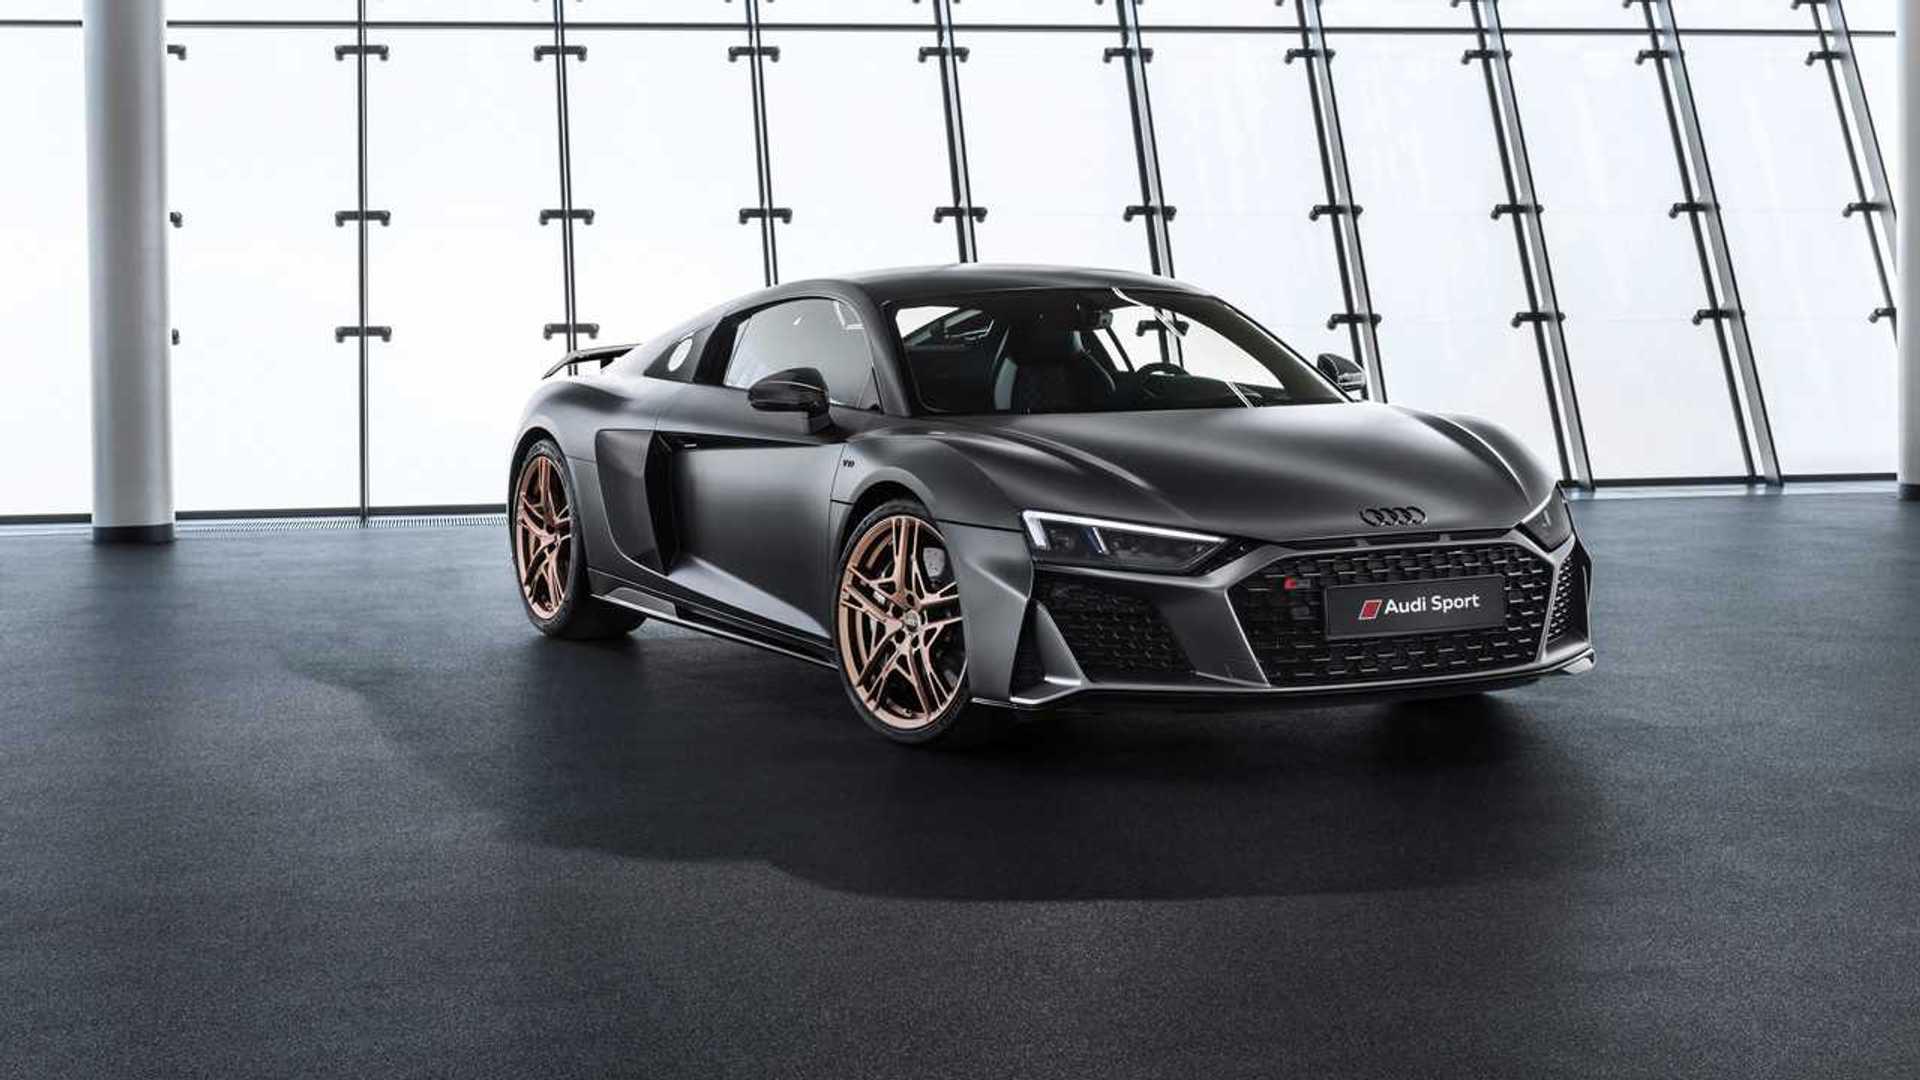 2020 Audi R8 V10 Decennium Costs An Eye Watering 214 995